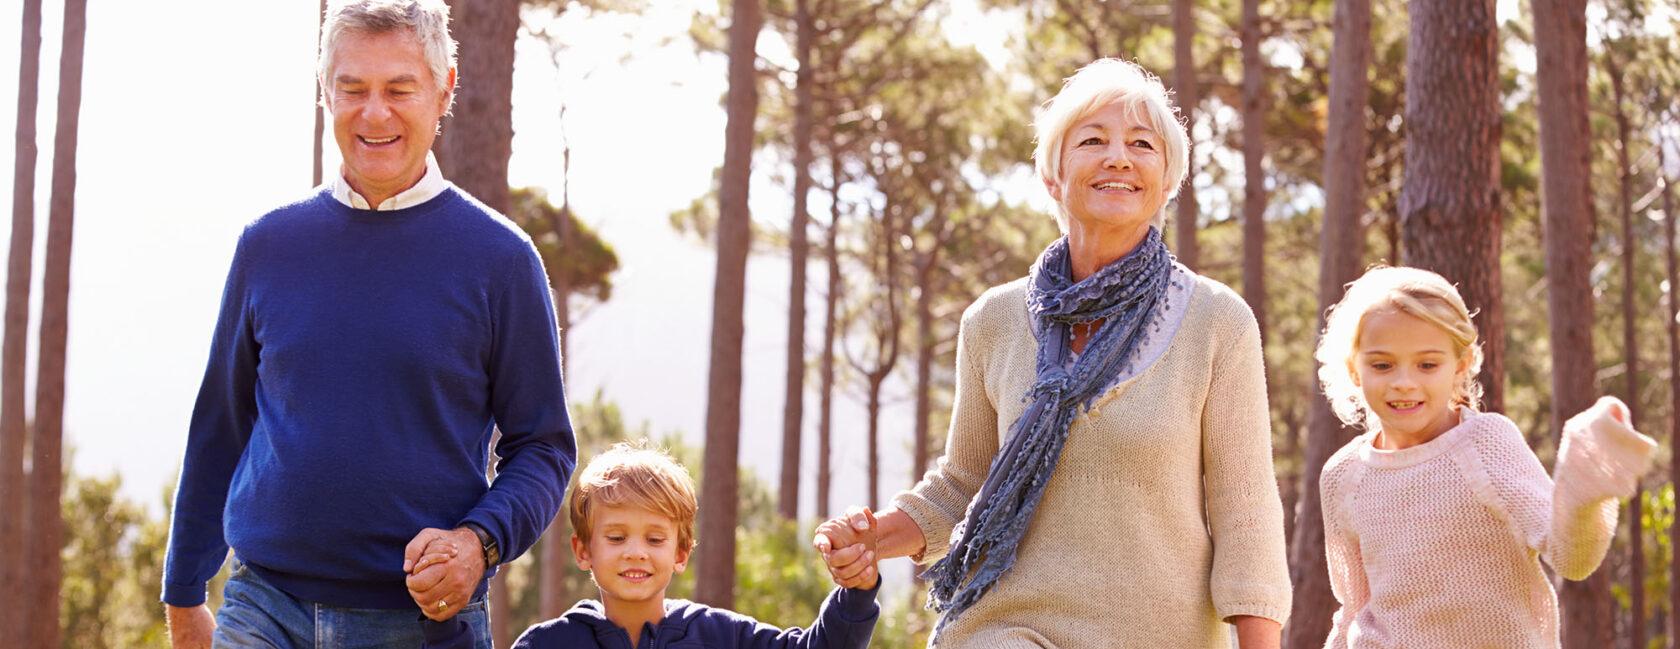 Ištarkime seneliams AČIŪ ir dovanokime jiems gerą savijautą!